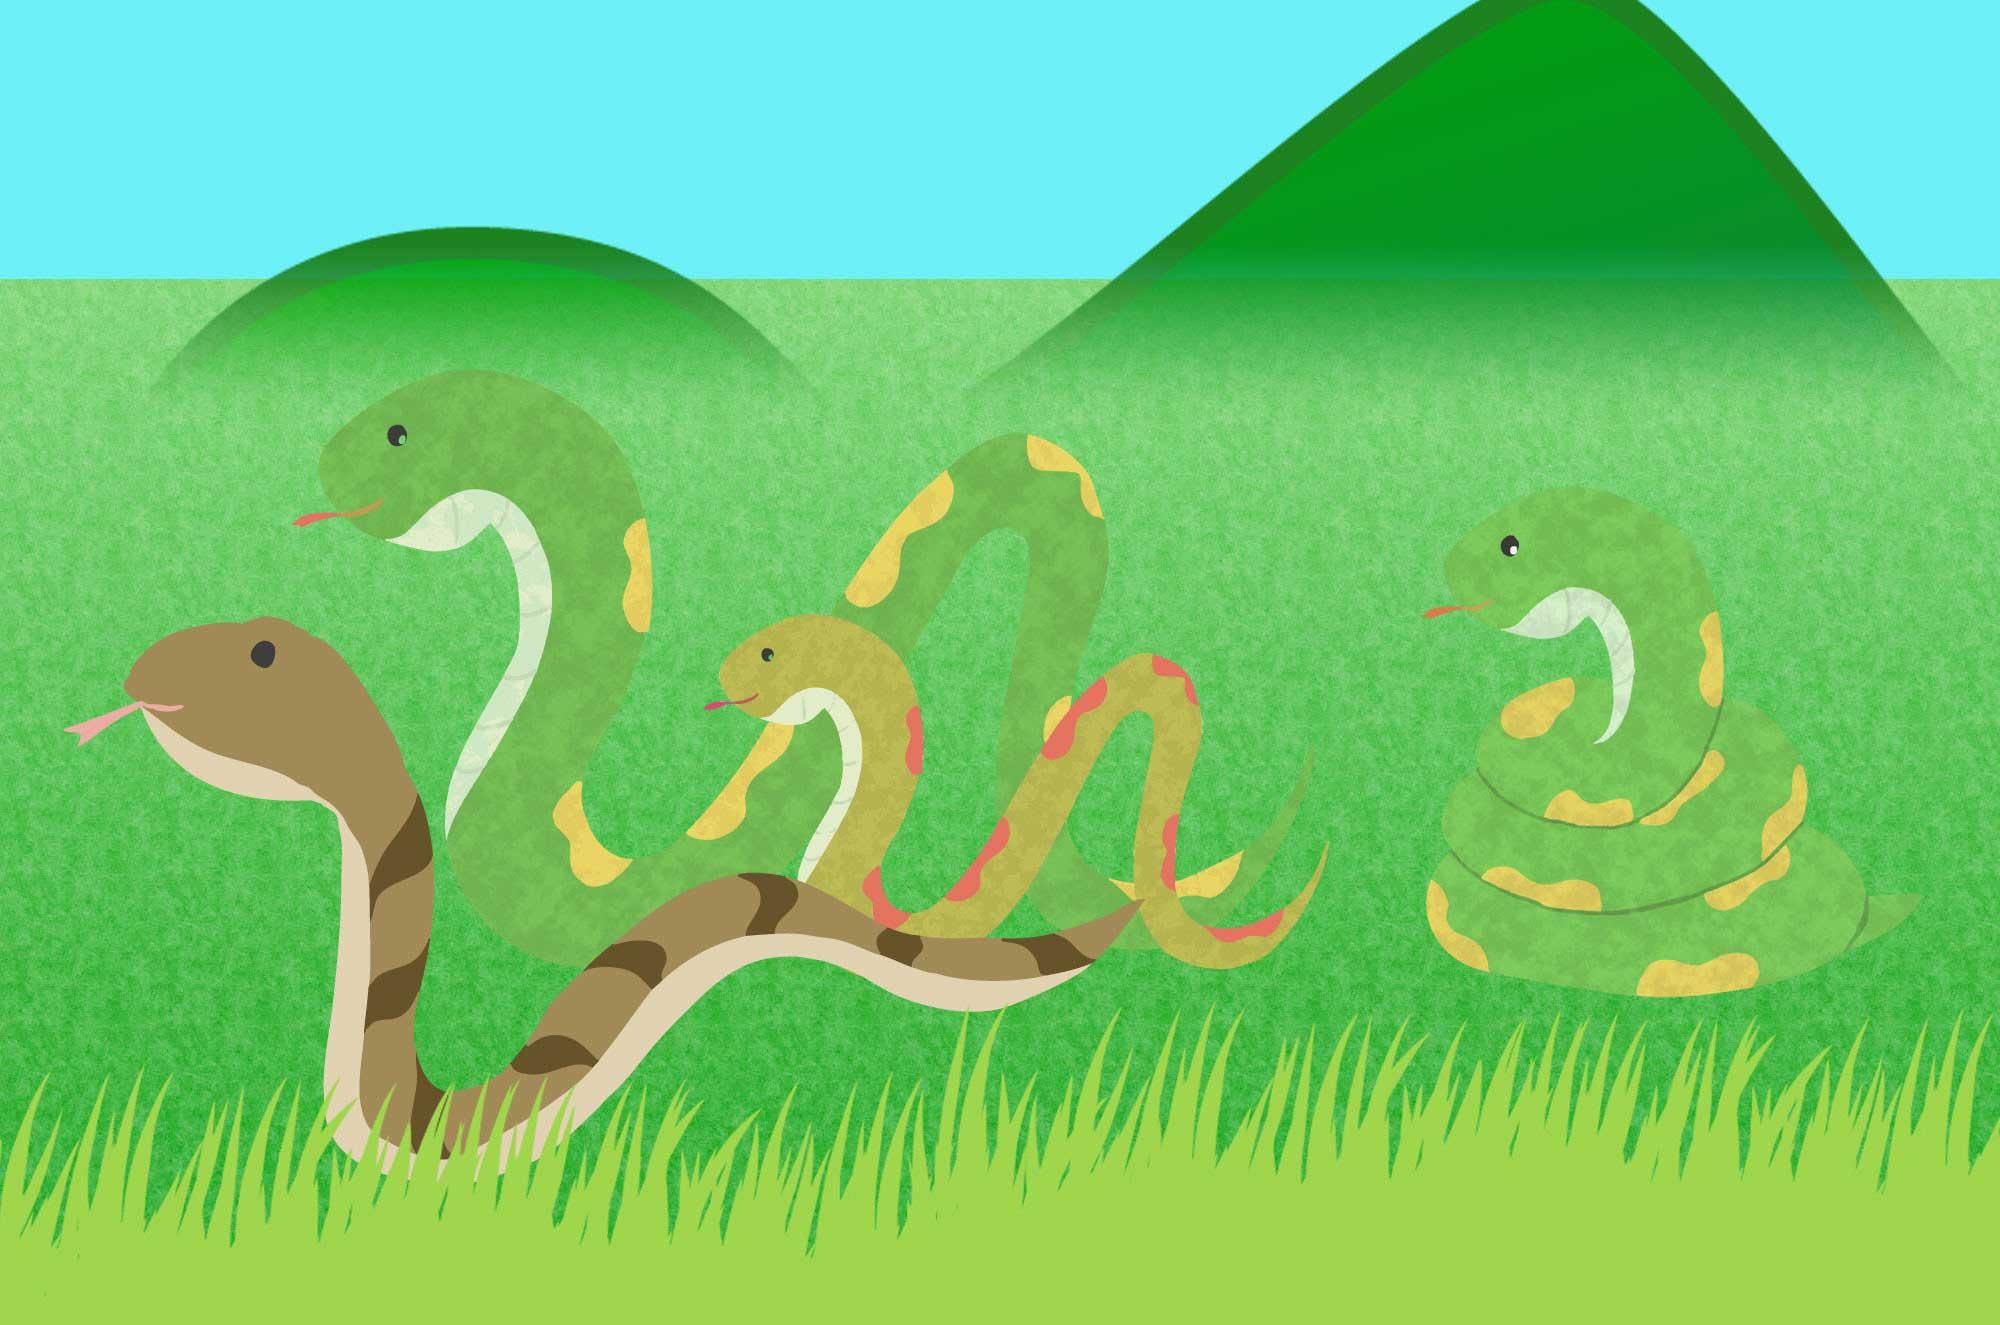 可愛い蛇イラスト - 手描きで描いた柔らかフリー素材